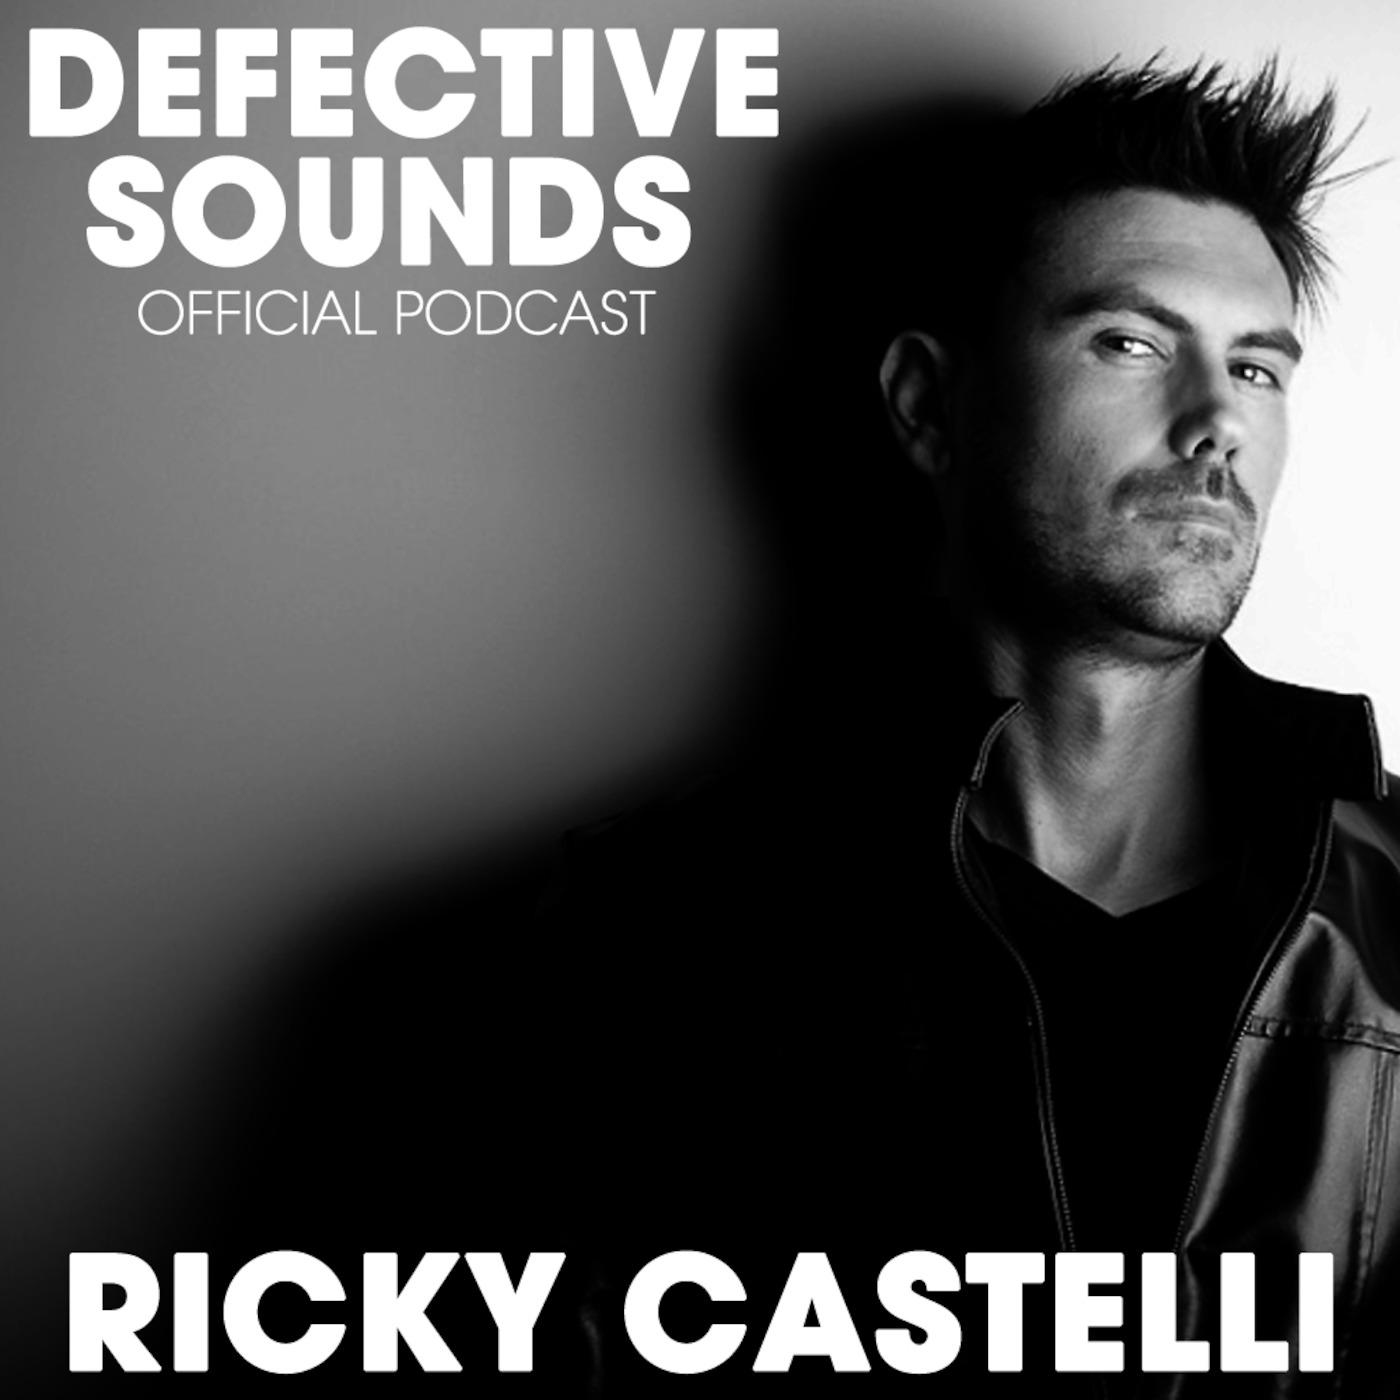 Ricky Castelli's Podcast